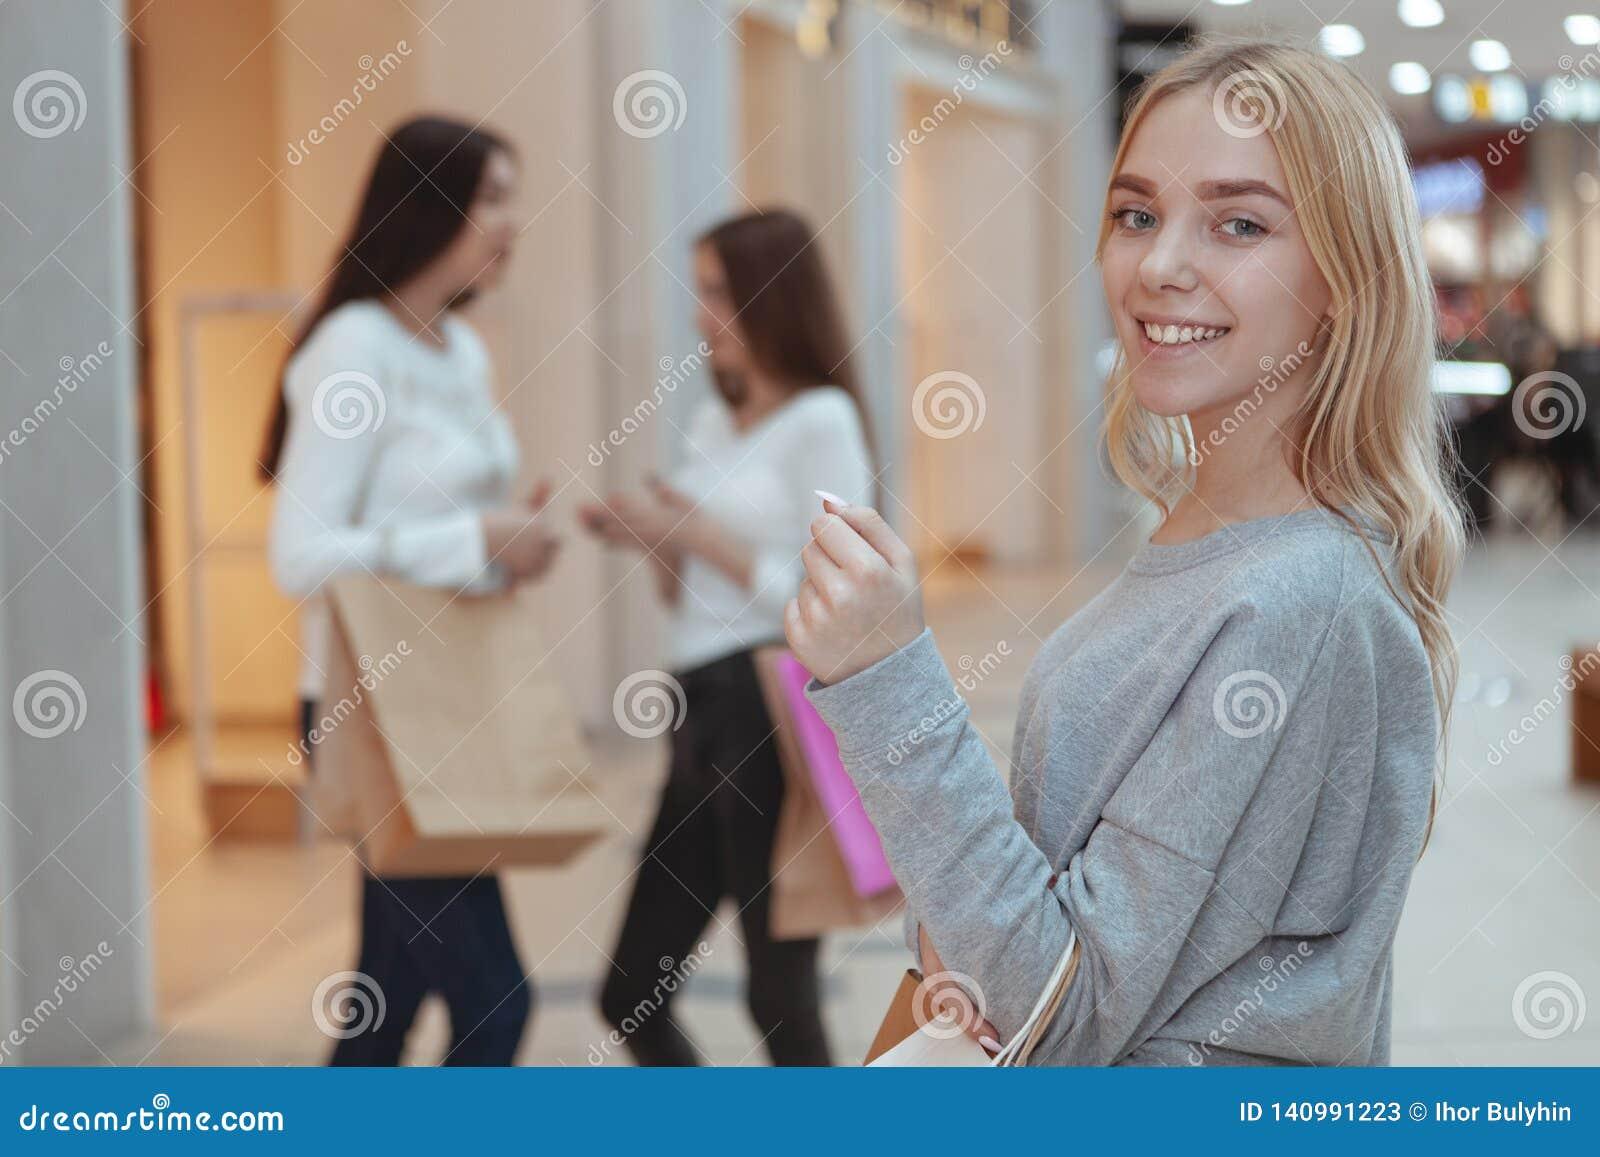 Junge Frauen, die zusammen im Einkaufszentrum kaufen genießen